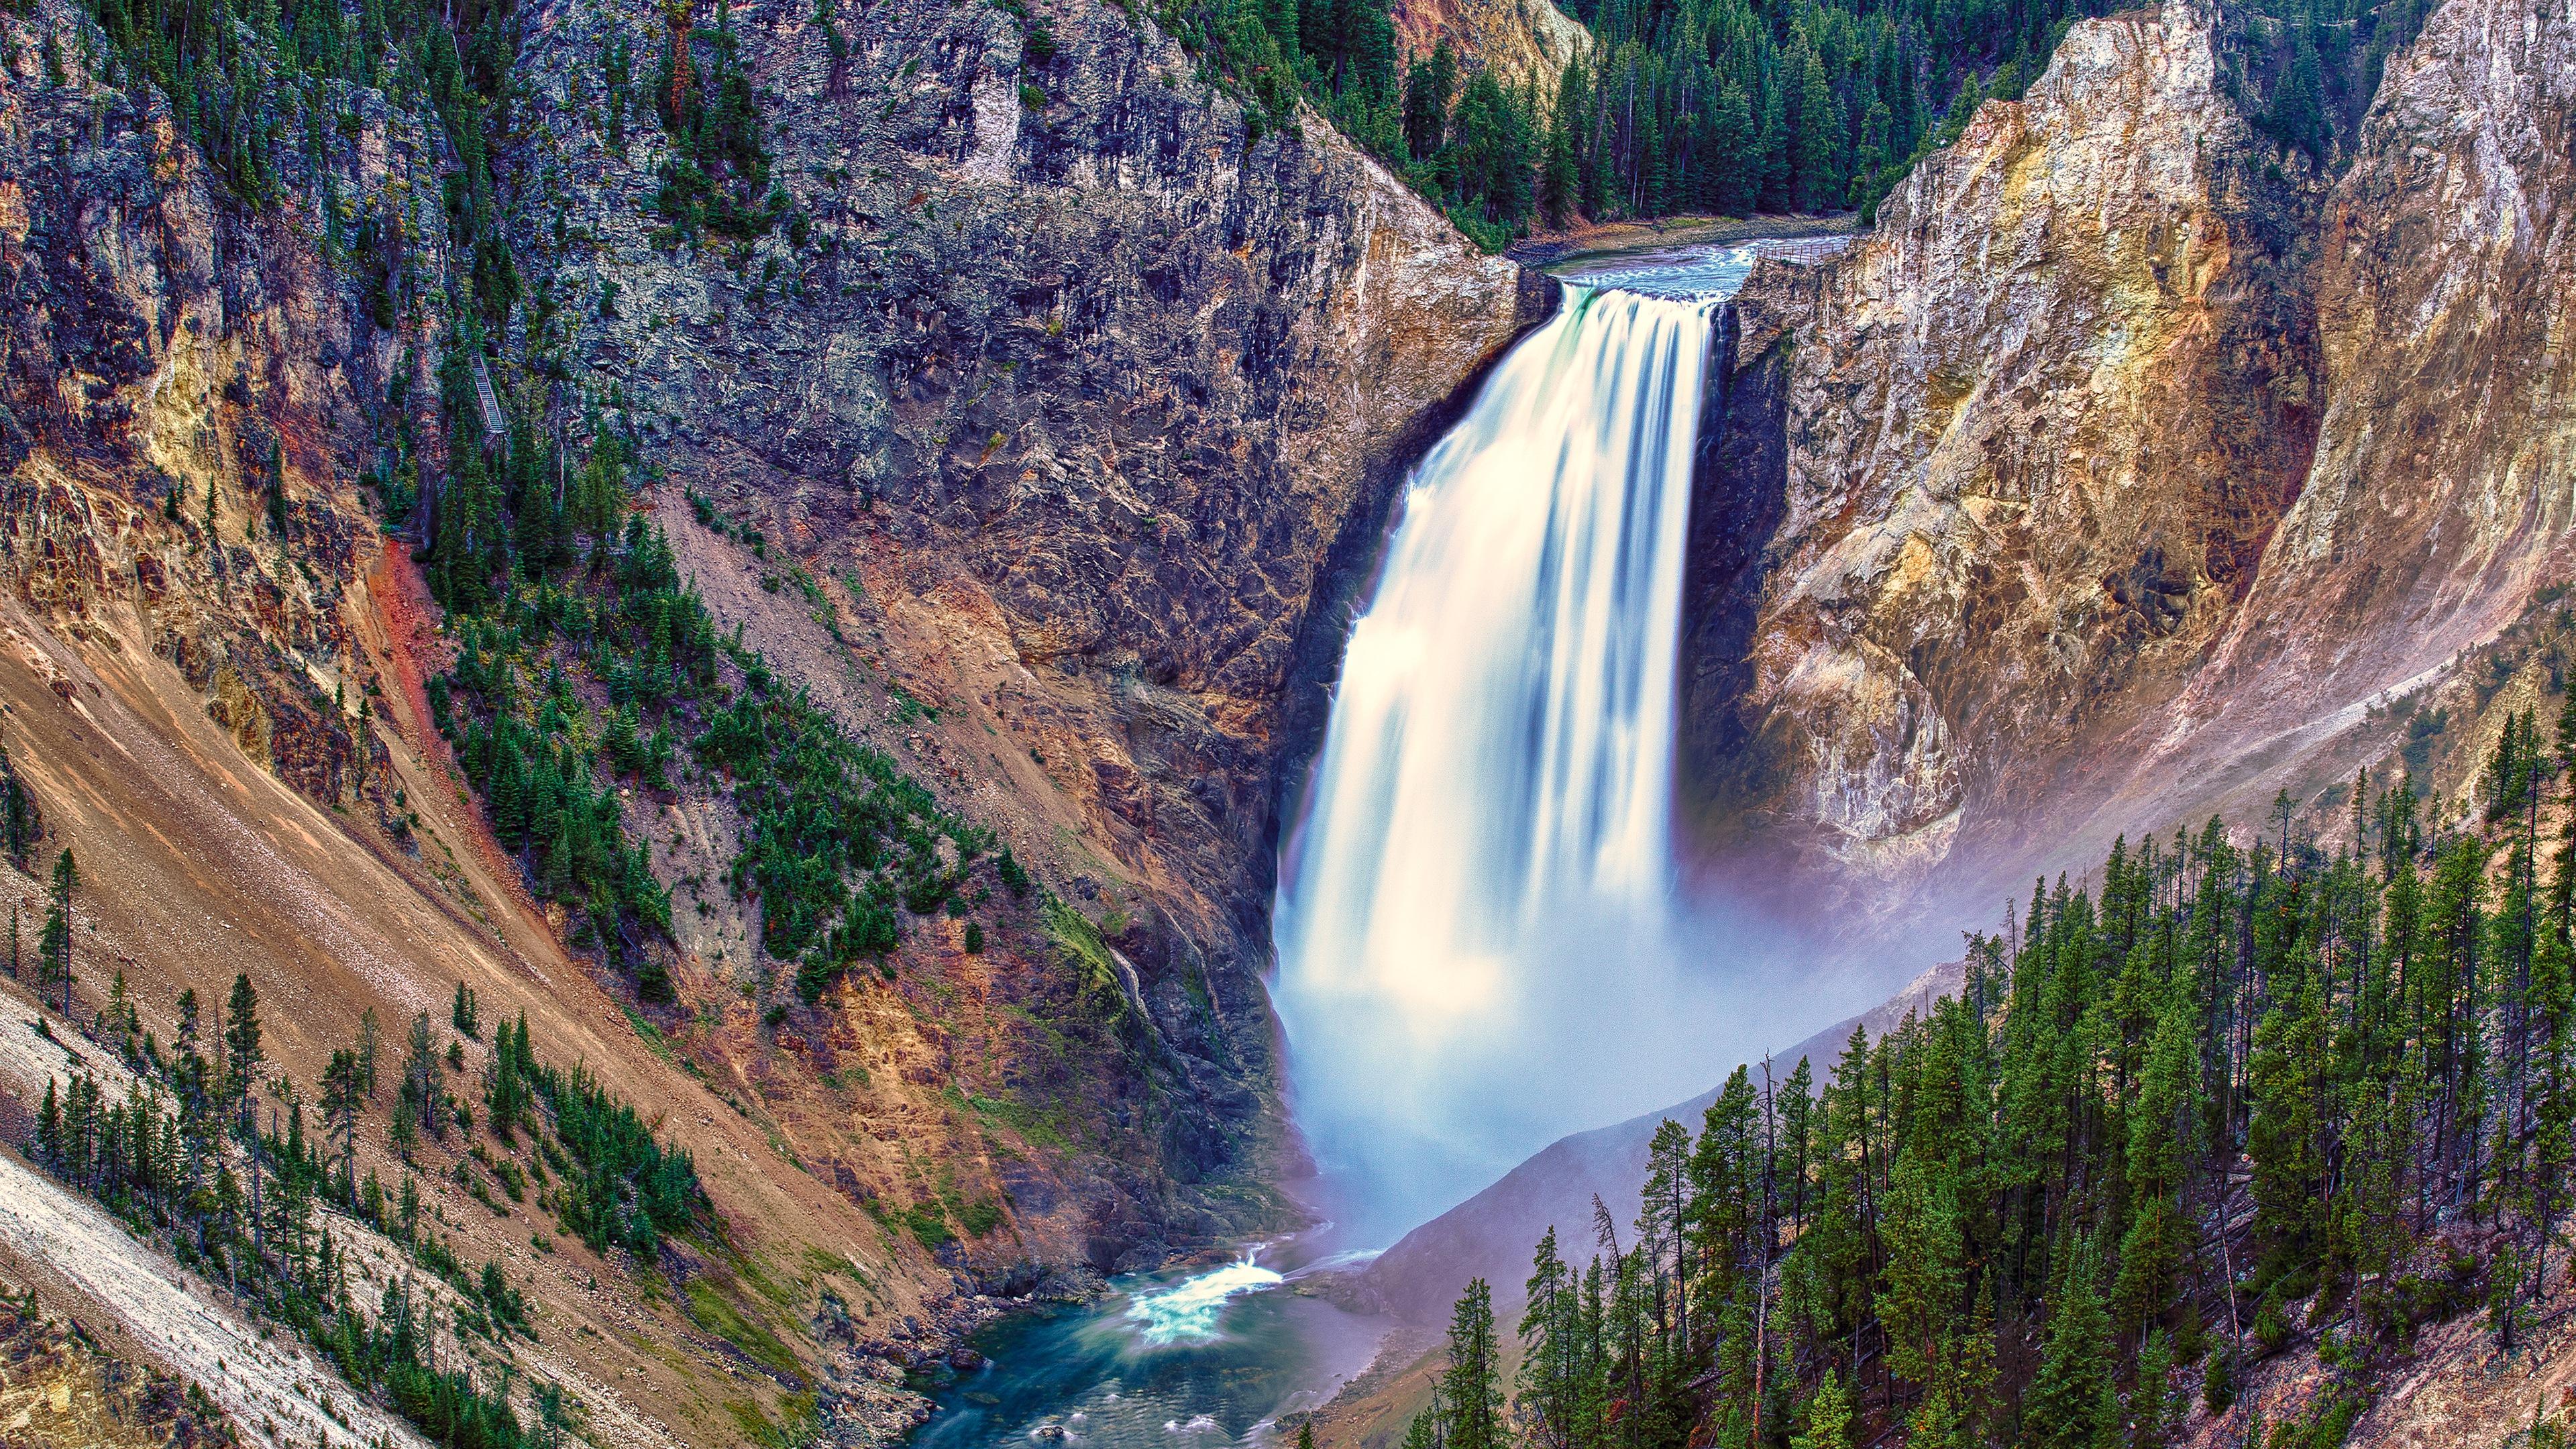 River Waterfall 4K Desktop Wallpaper Uploaded by DesktopWalls 3840x2160